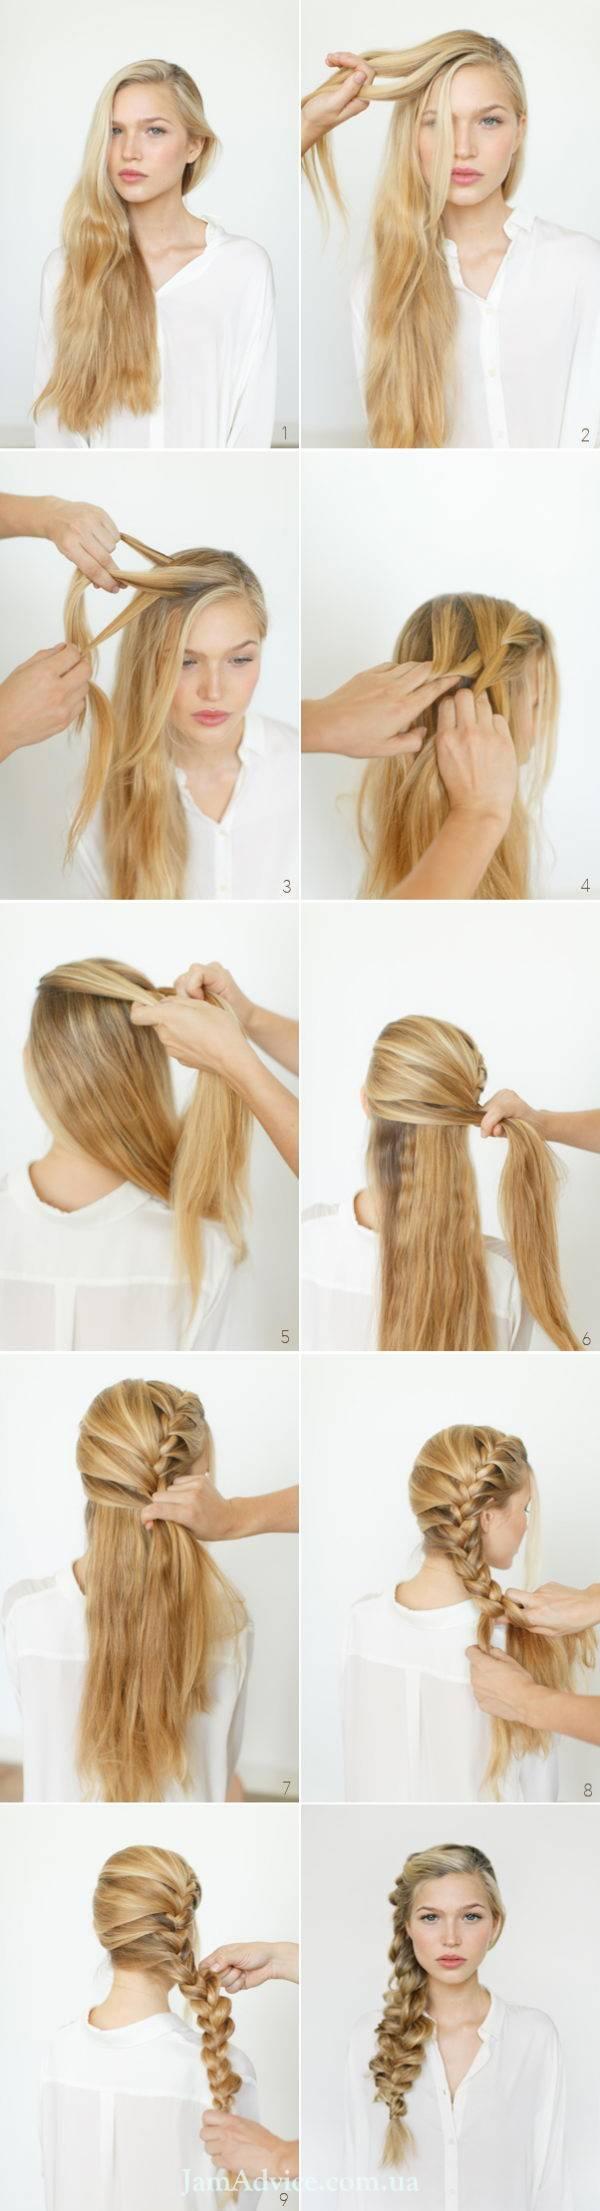 Прически на длинные волосы: Романтичная боковая коса